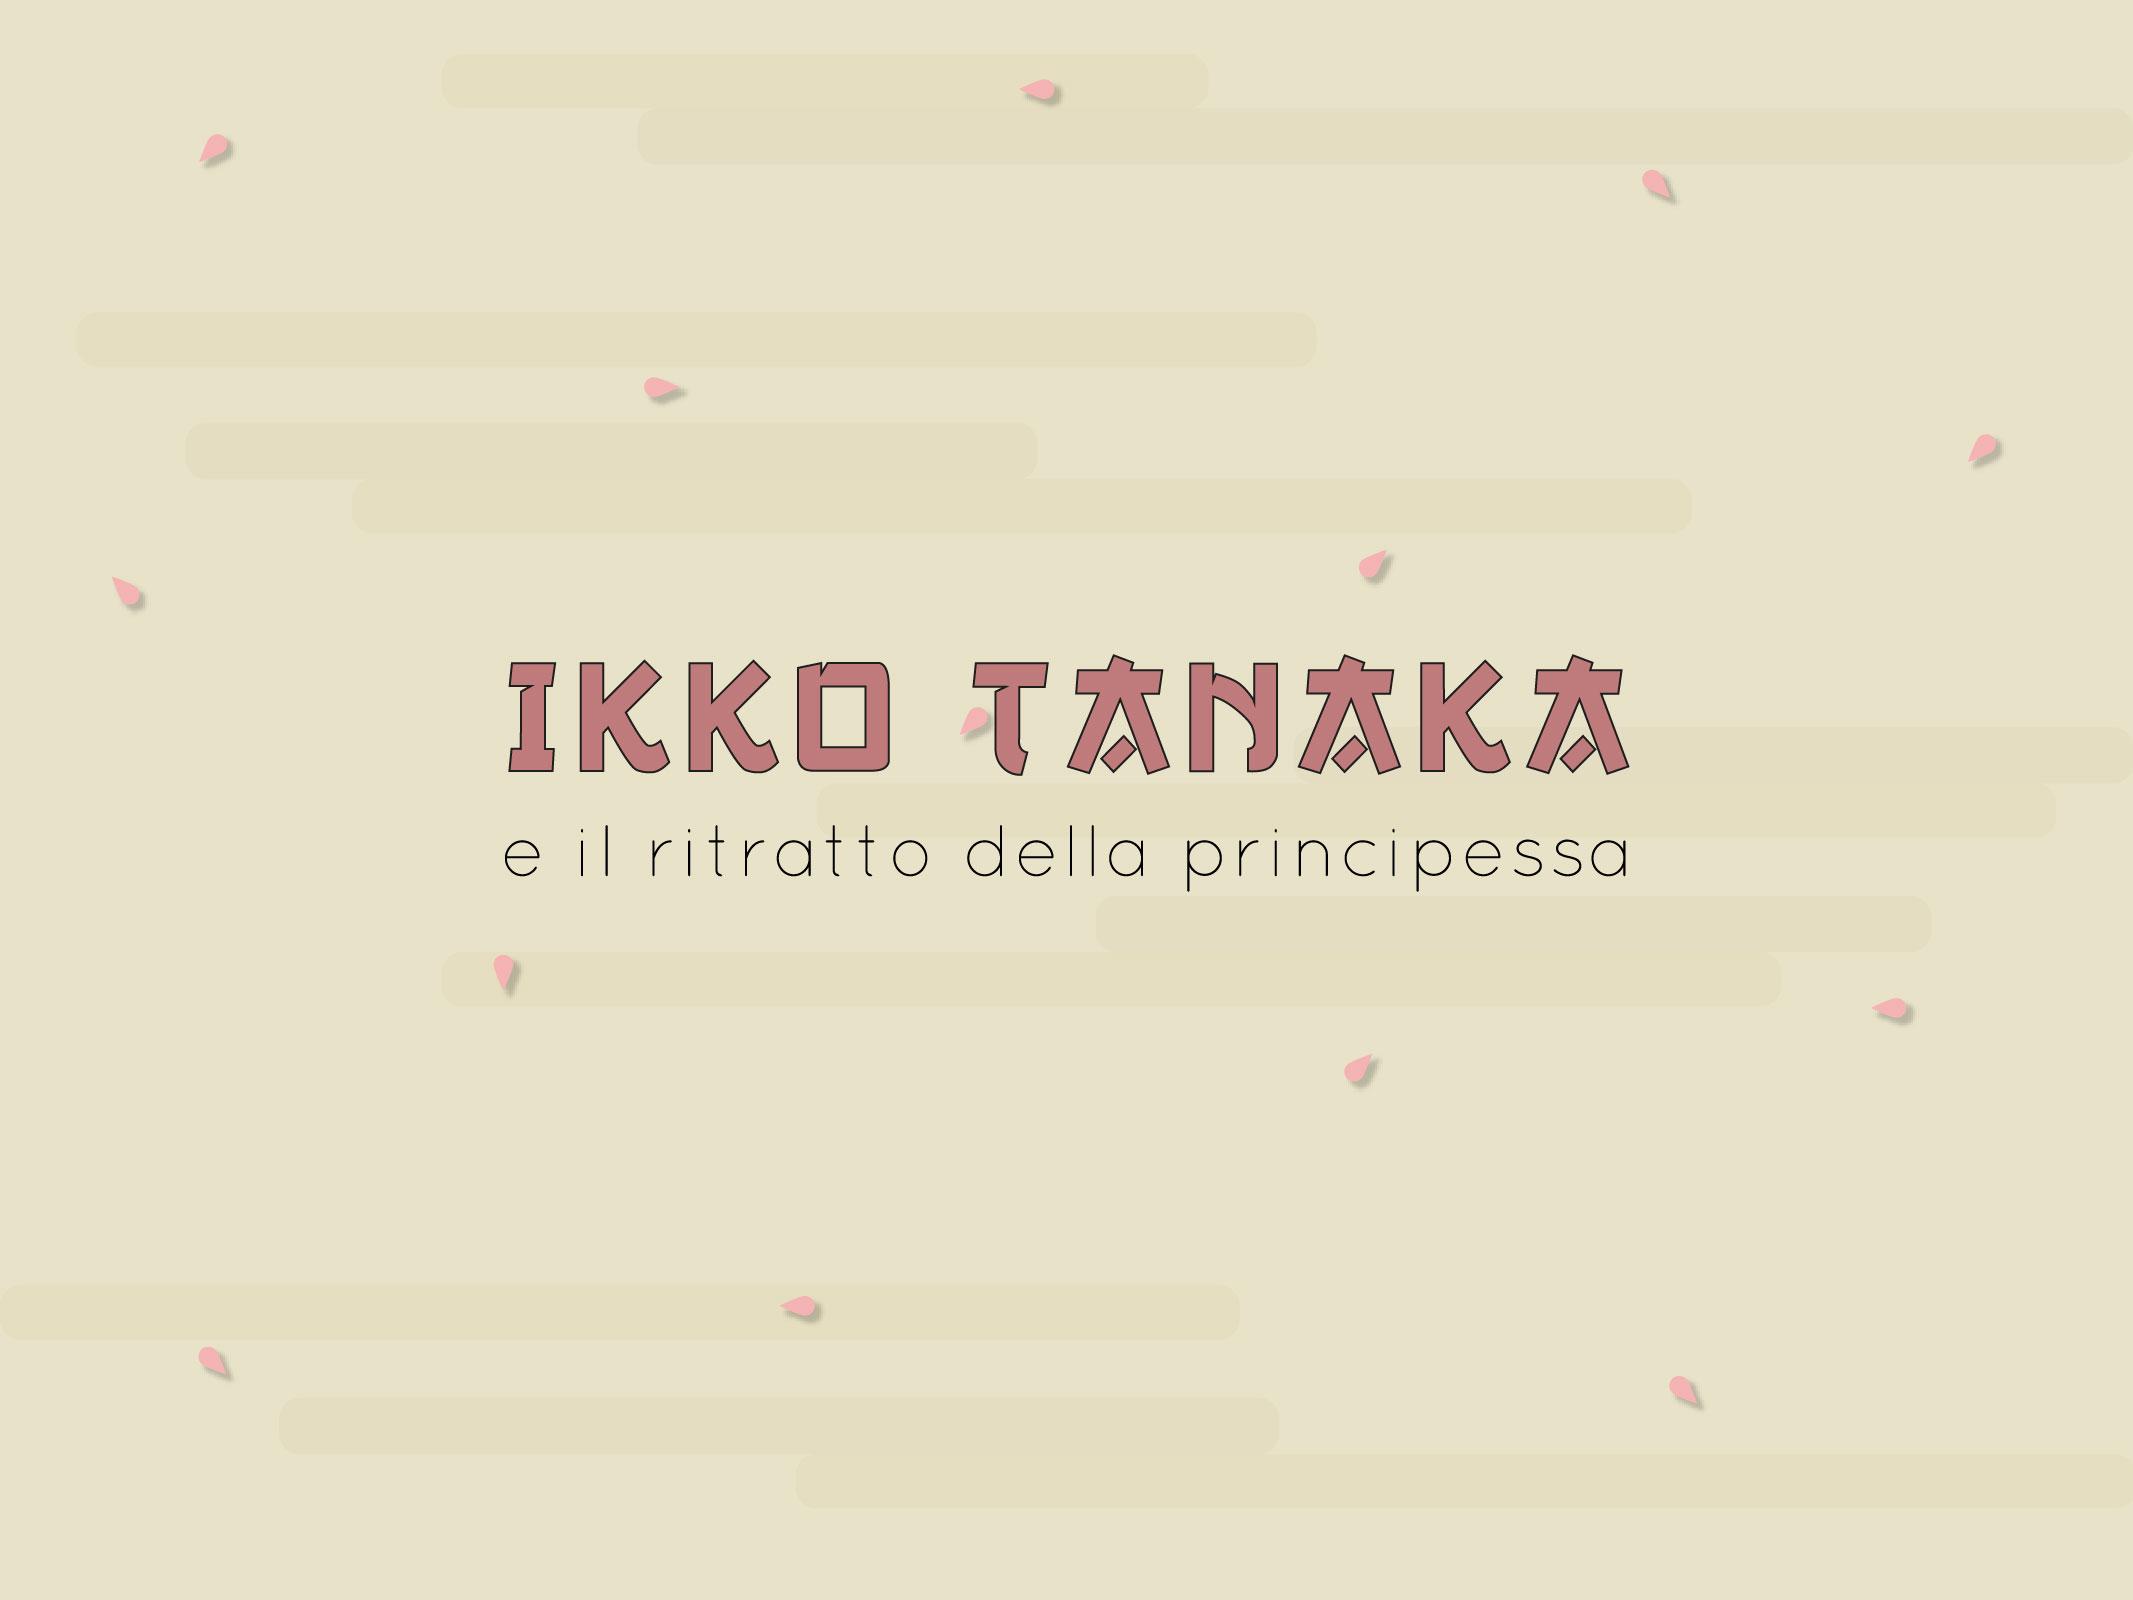 Ikko Tanaka e il ritratto della principessa